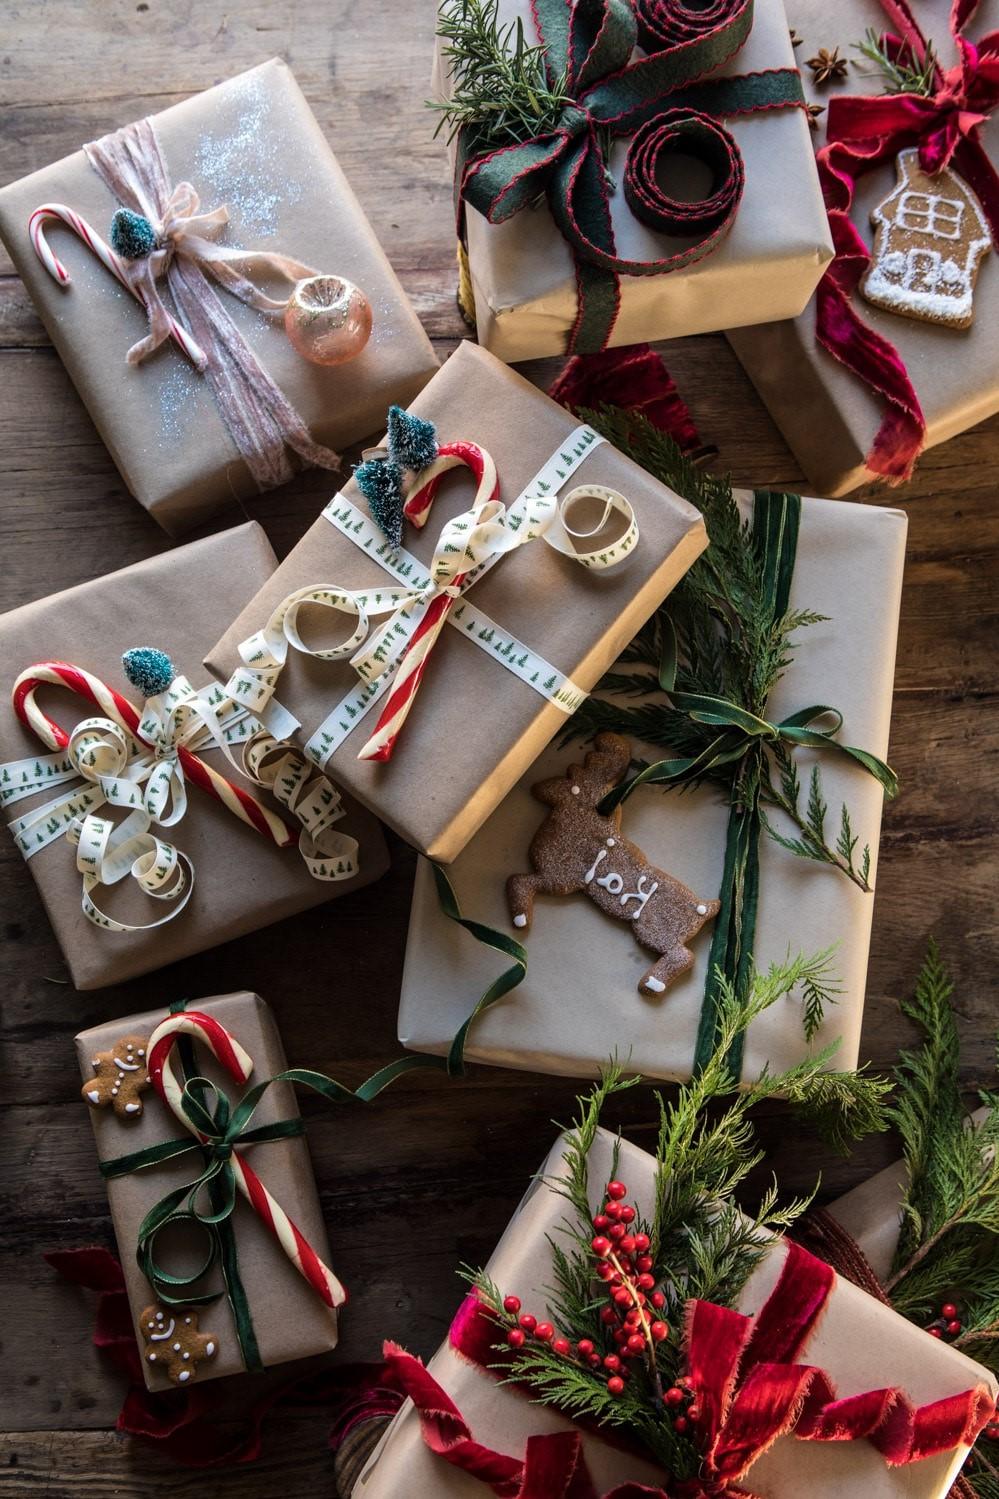 Comment faire un paquet cadeau original? Utilisez votre imagination!